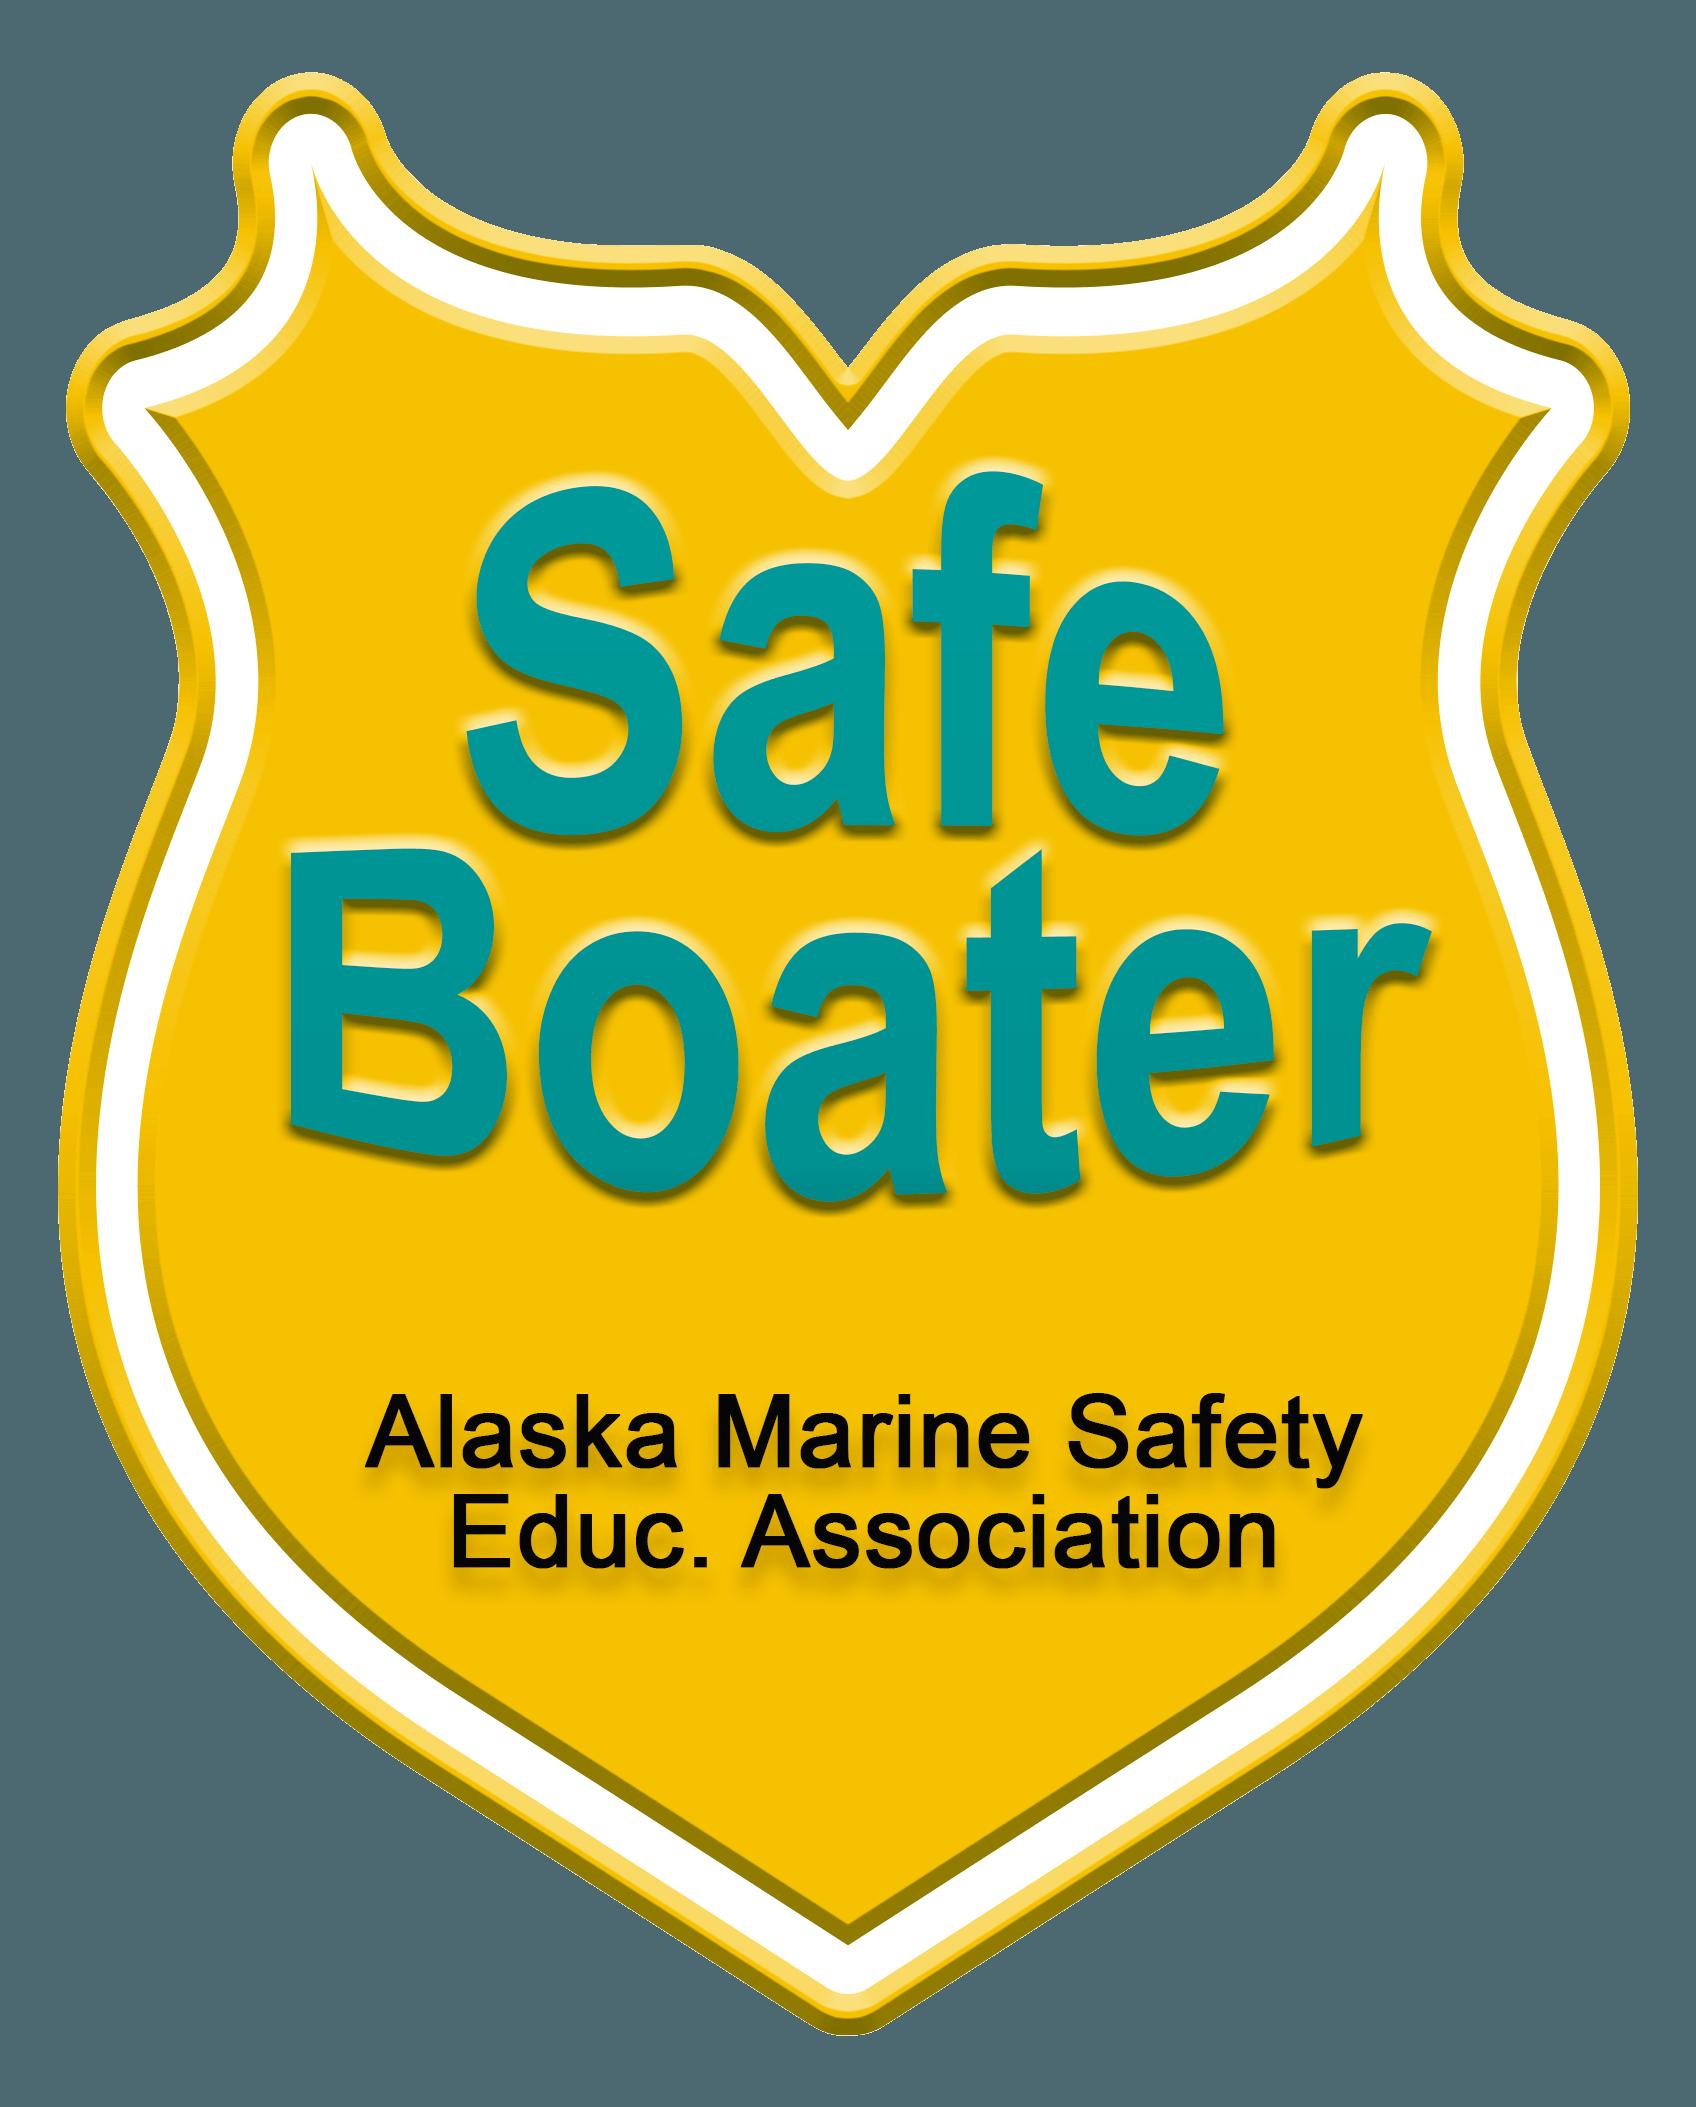 https://alaskaupclose.com/wp-content/uploads/2015/12/safe-boater.png